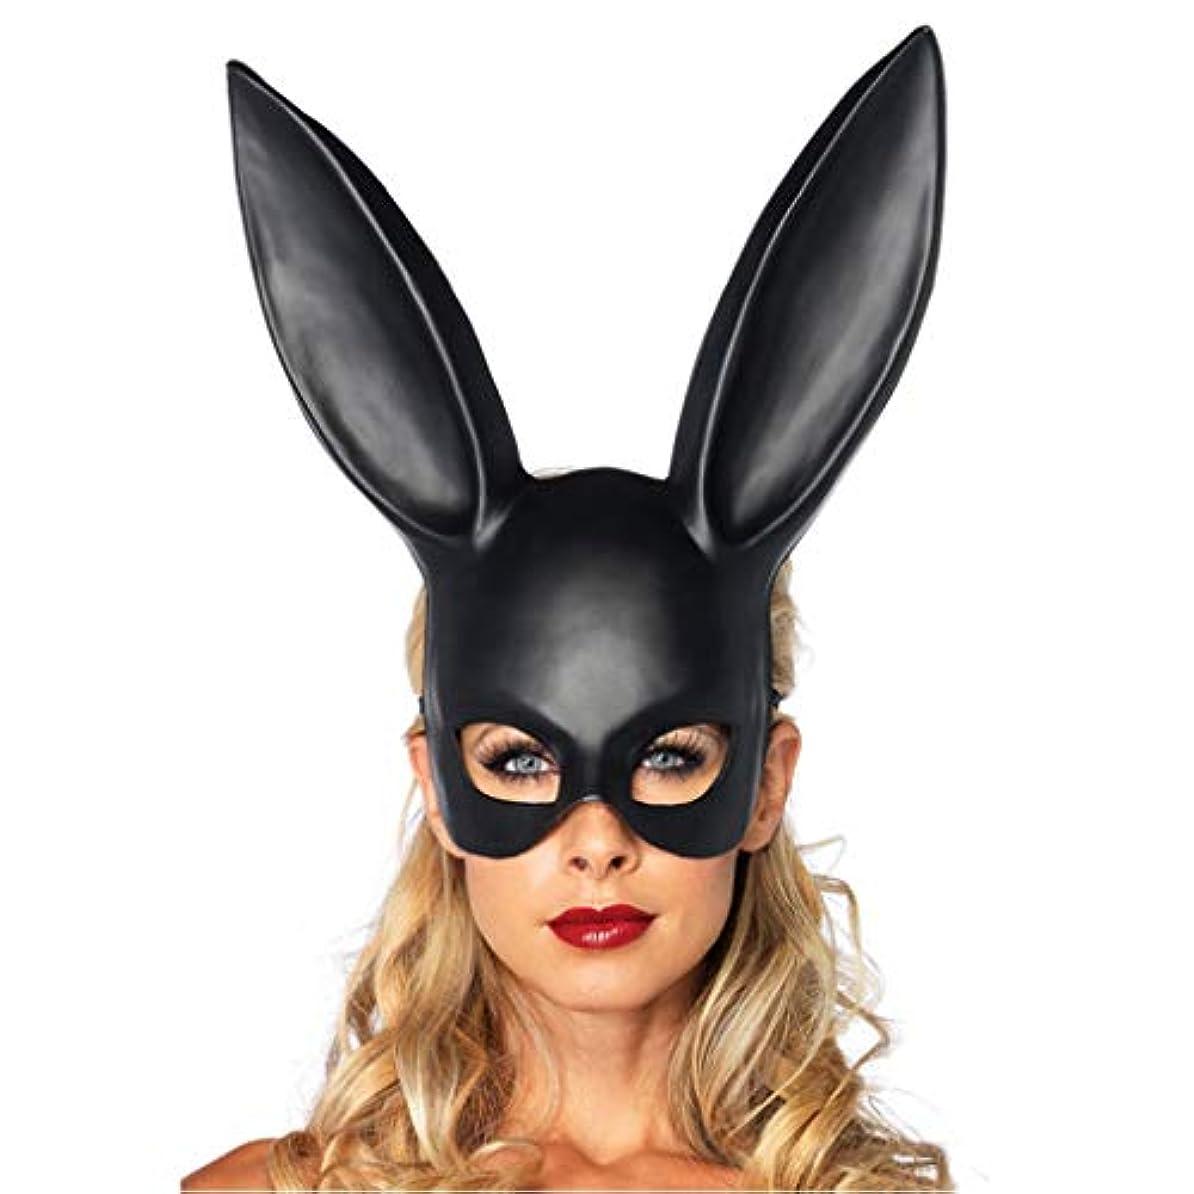 に渡って孤独な正確ハロウィーン仮装イヤーマスクバーKTVパーティーマスクかわいいウサギのマスク (Color : B)